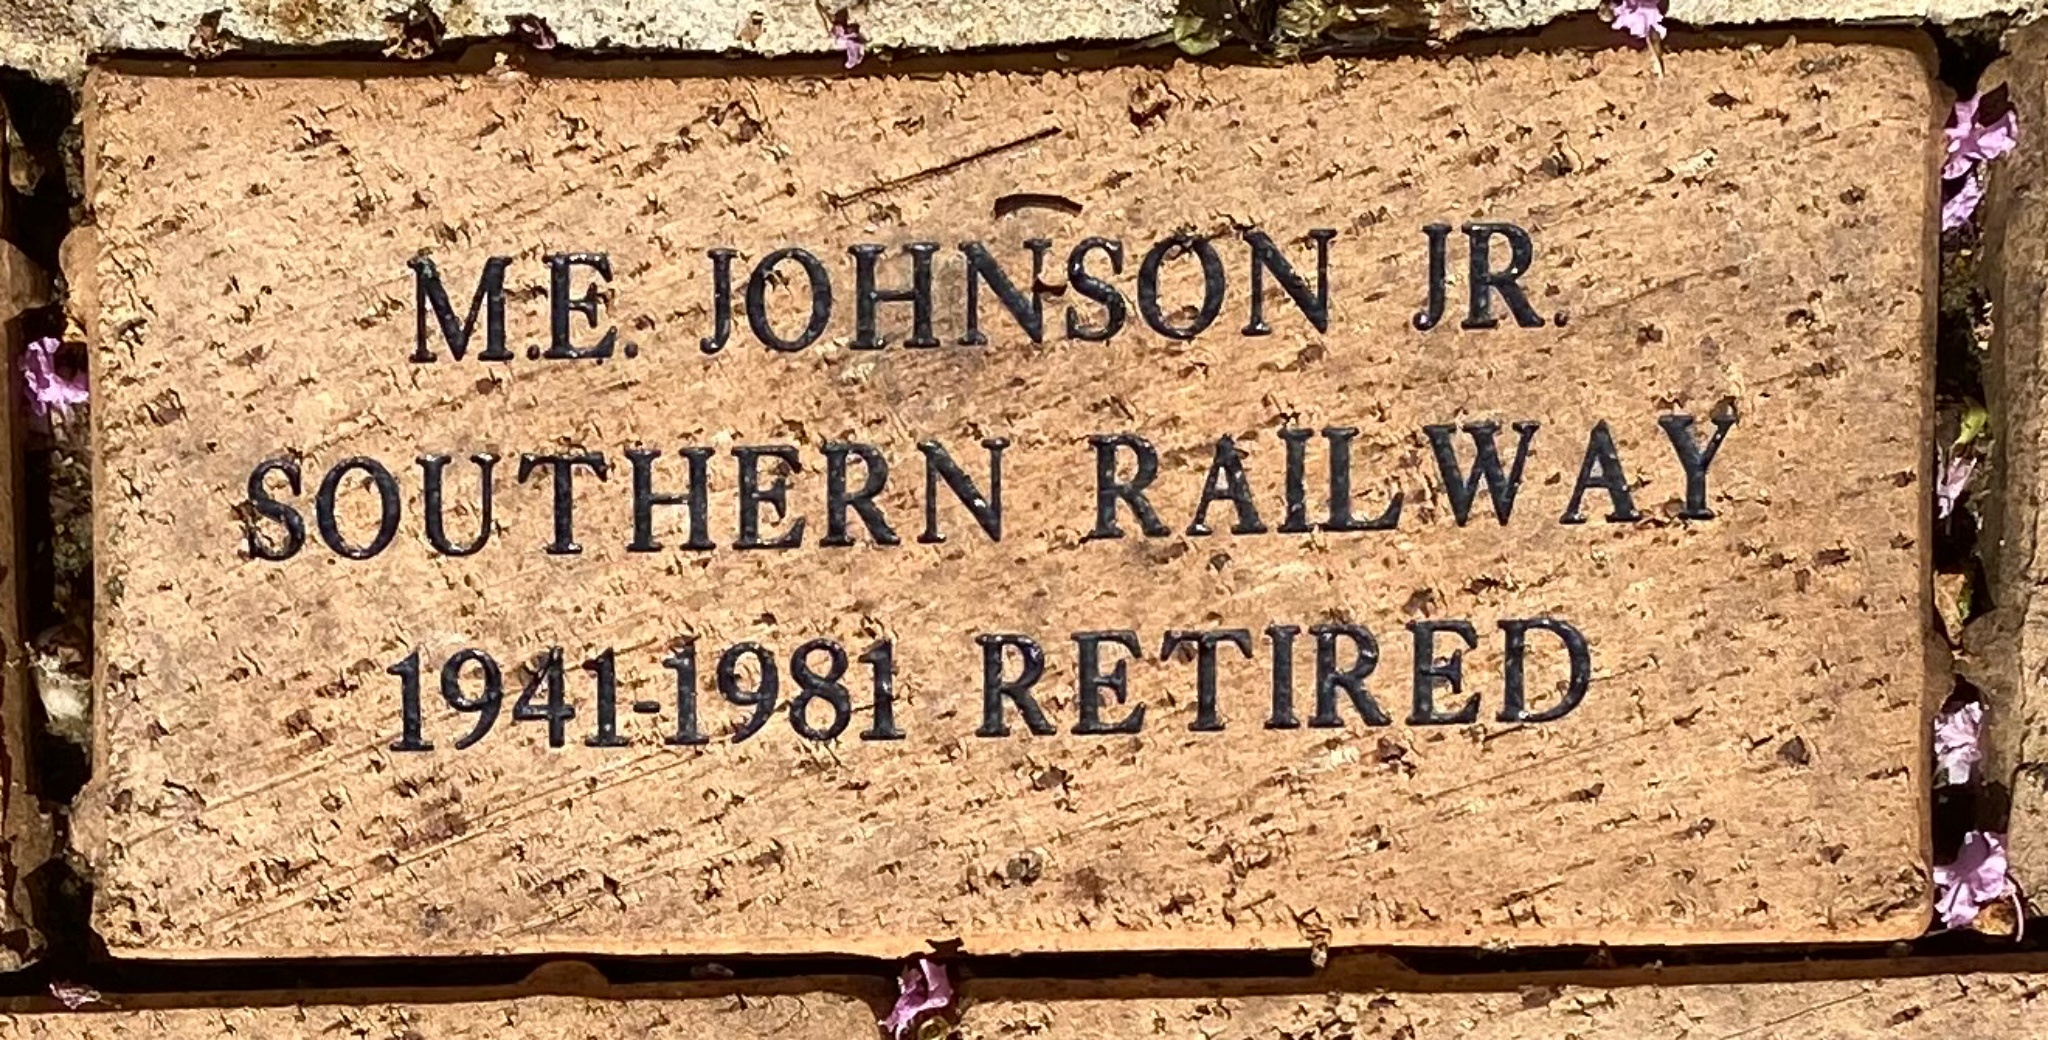 M.E. JOHNSON JR. SOUTHERN RAILWAY 1941-1981 RETIRED